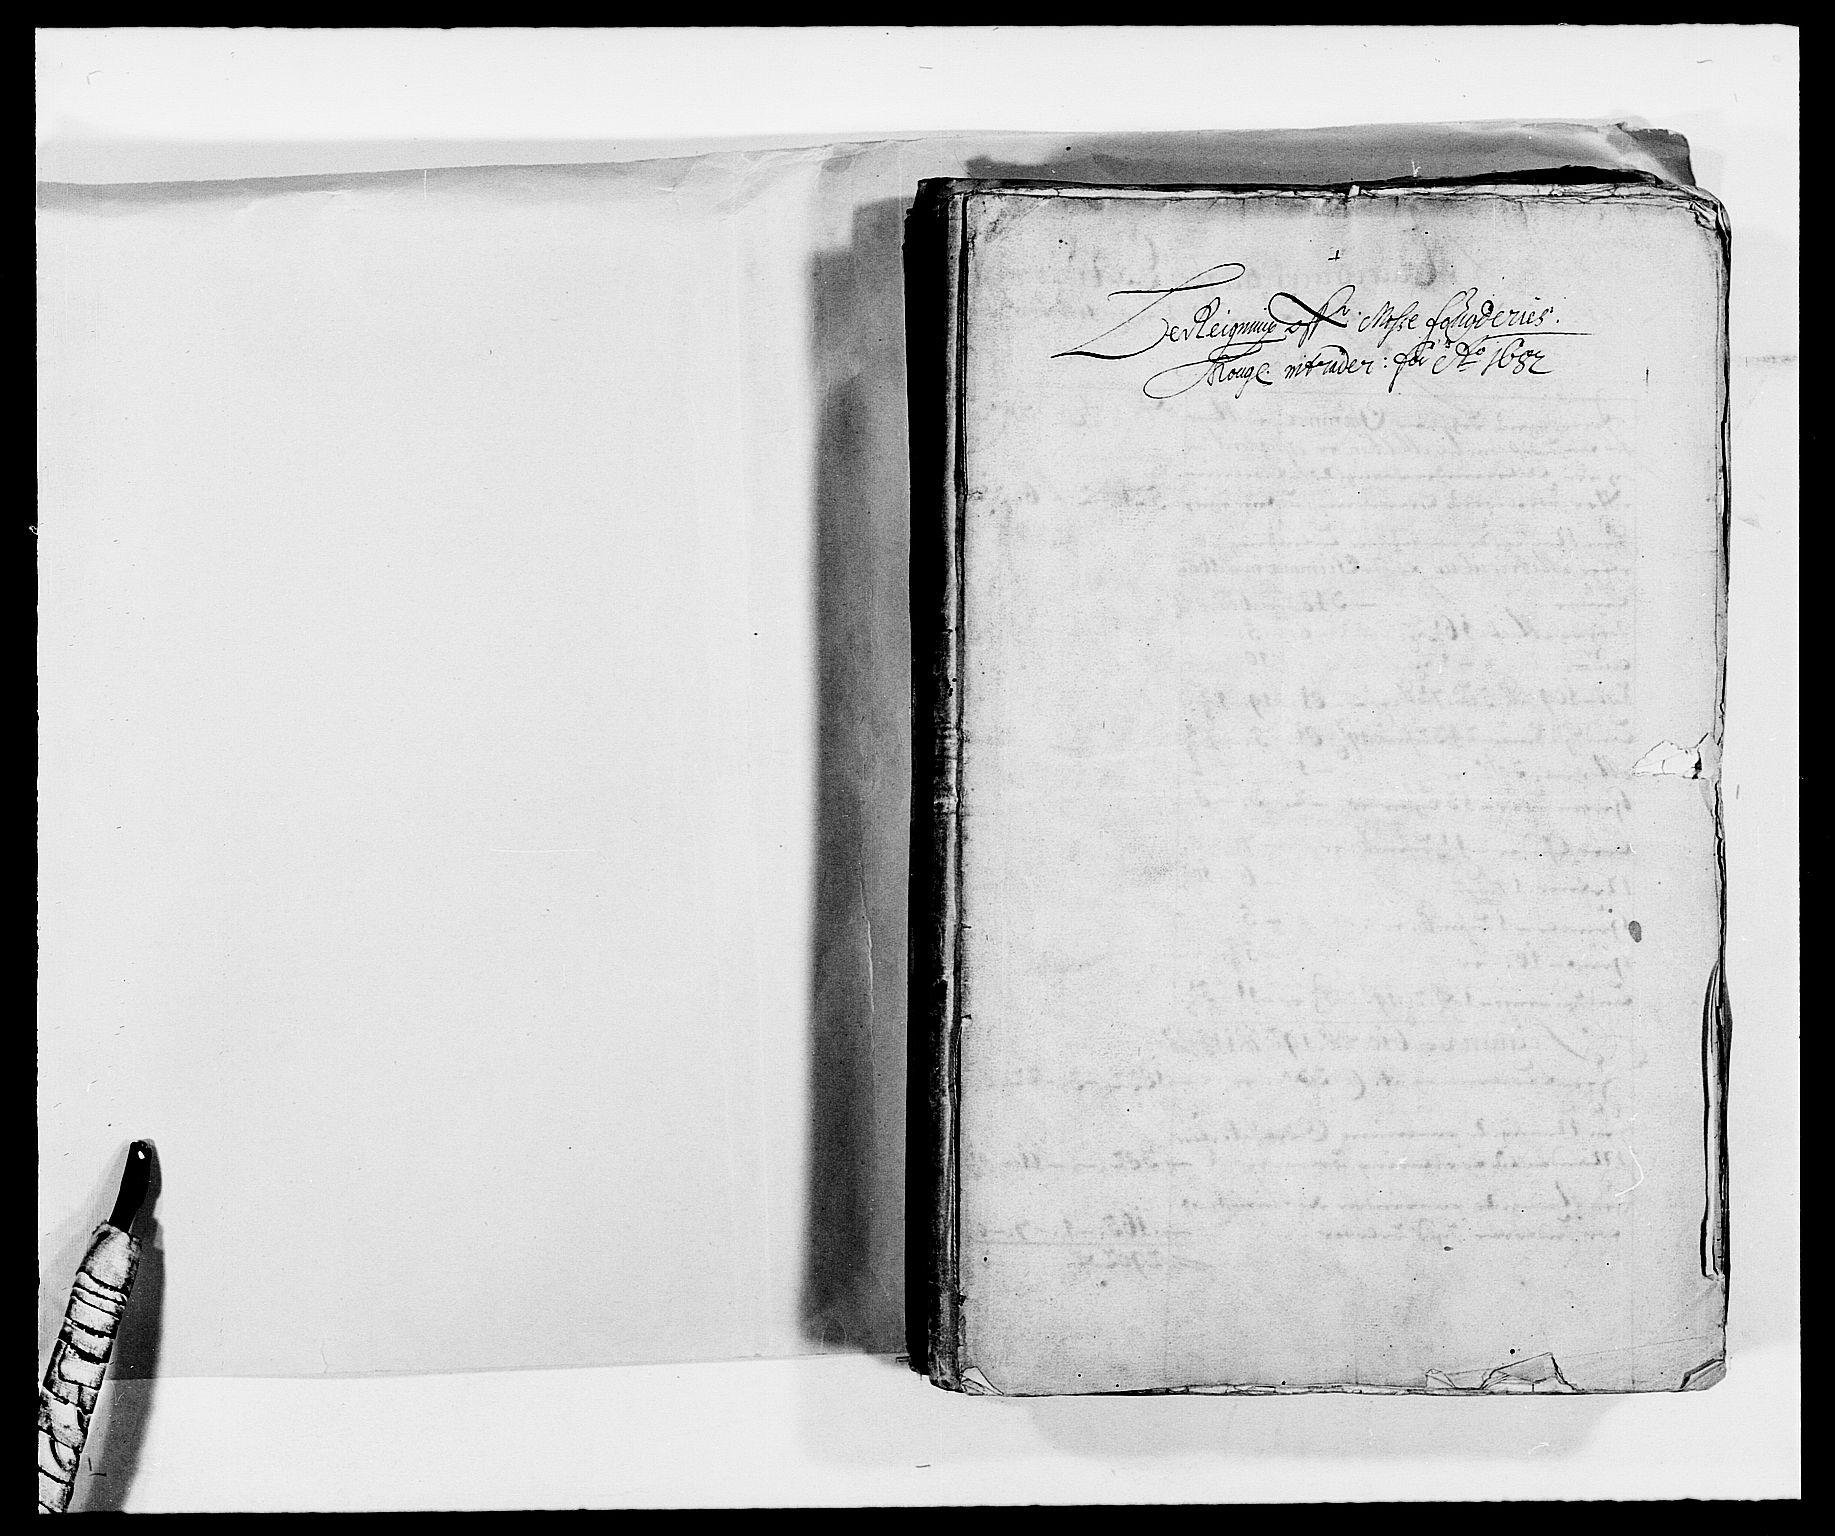 RA, Rentekammeret inntil 1814, Reviderte regnskaper, Fogderegnskap, R02/L0103: Fogderegnskap Moss og Verne kloster, 1682-1684, s. 2